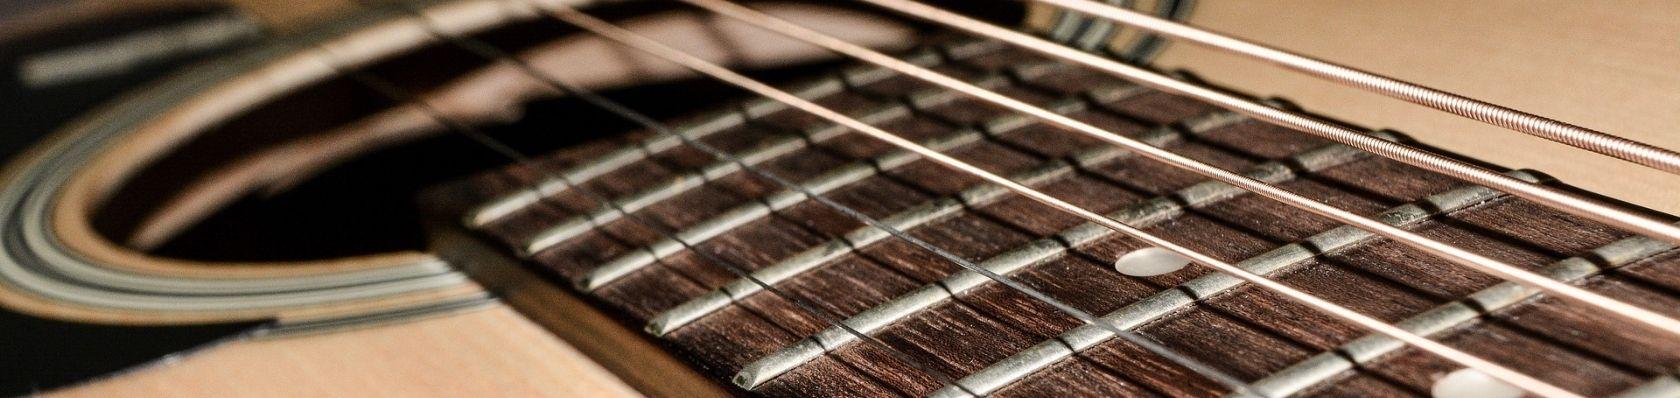 Gitar Akustik im Test auf ExpertenTesten.de